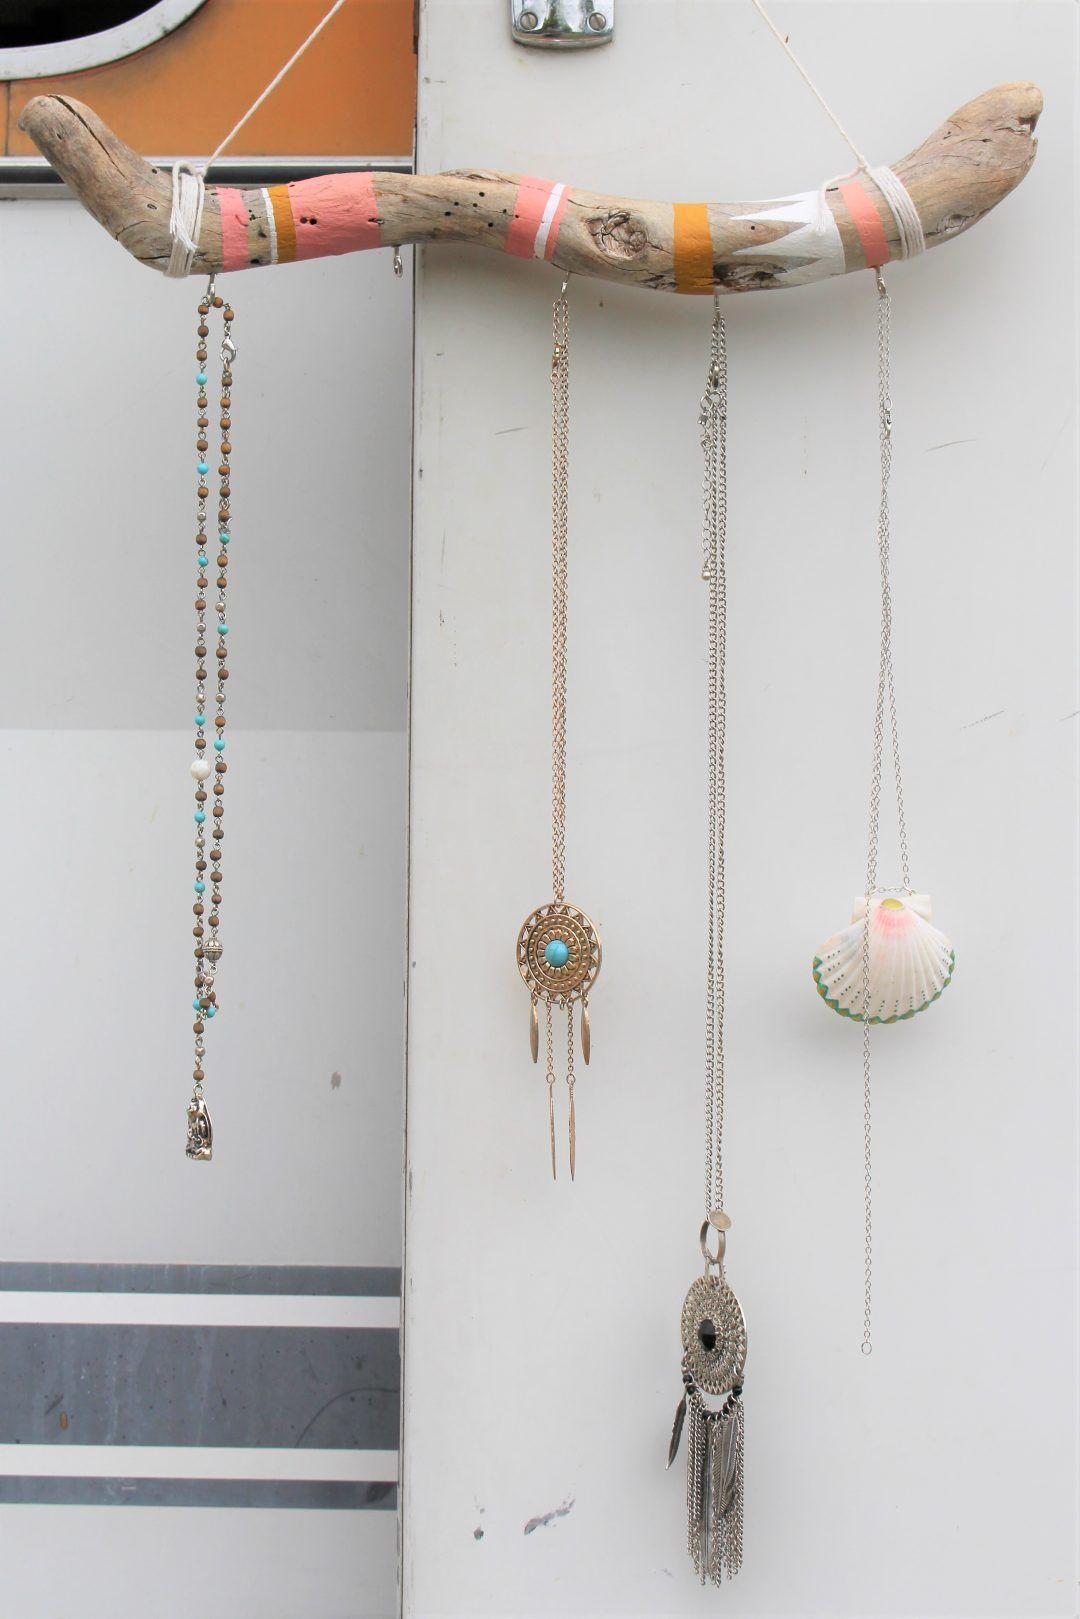 Bois Flotté Porte Photo diy : porte-bijoux en bois flotté | bijoux en bois flotté